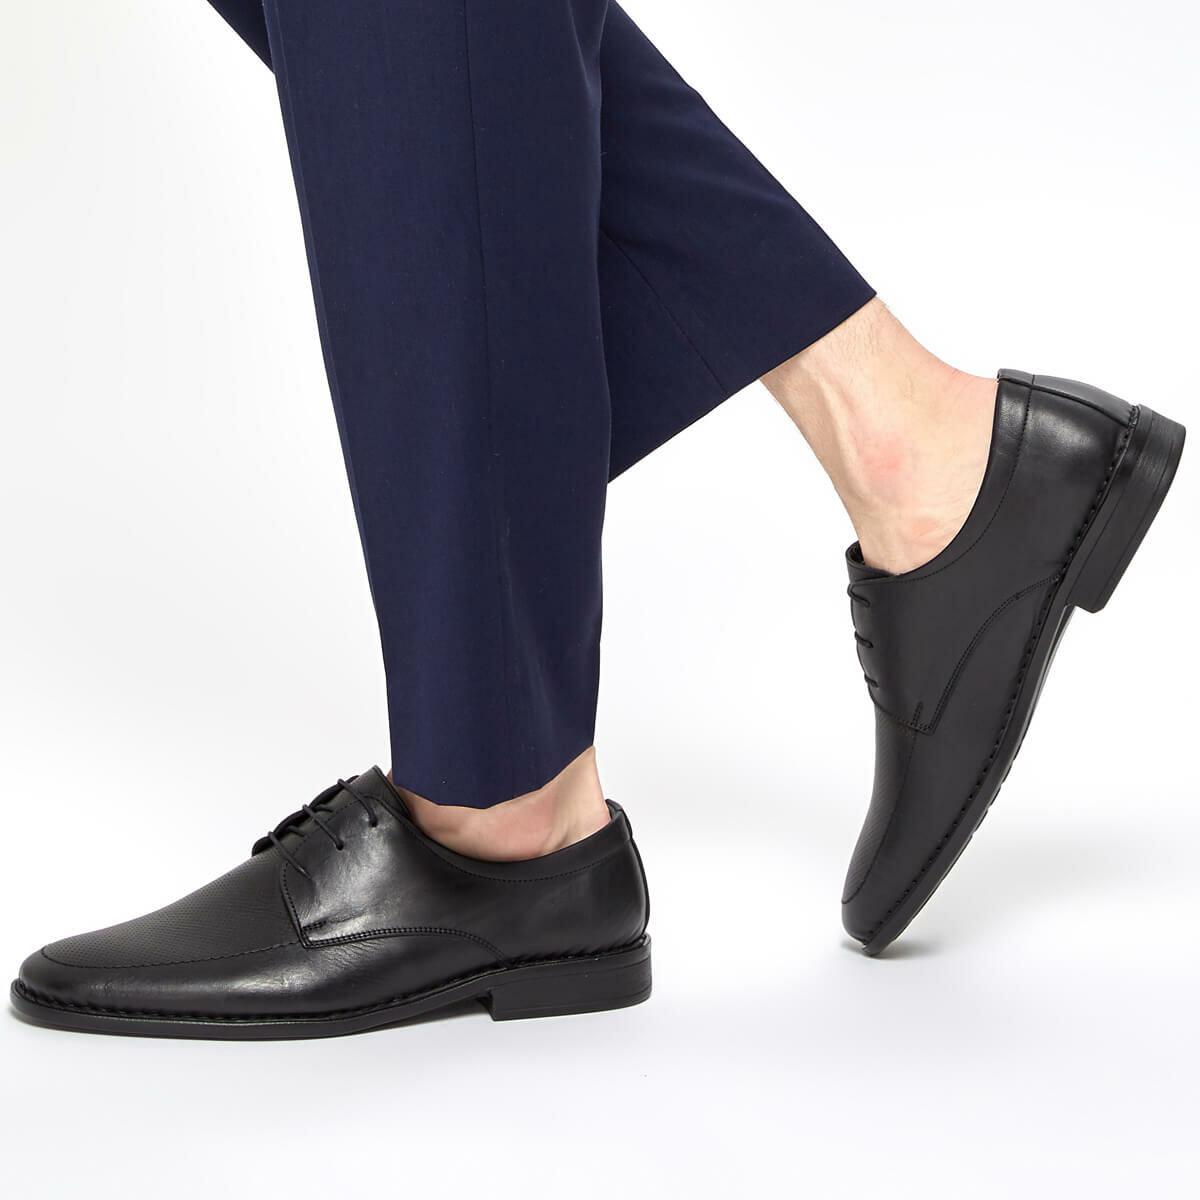 FLO 91.100562.M Black Men 'S Classic Shoes Polaris 5 Point